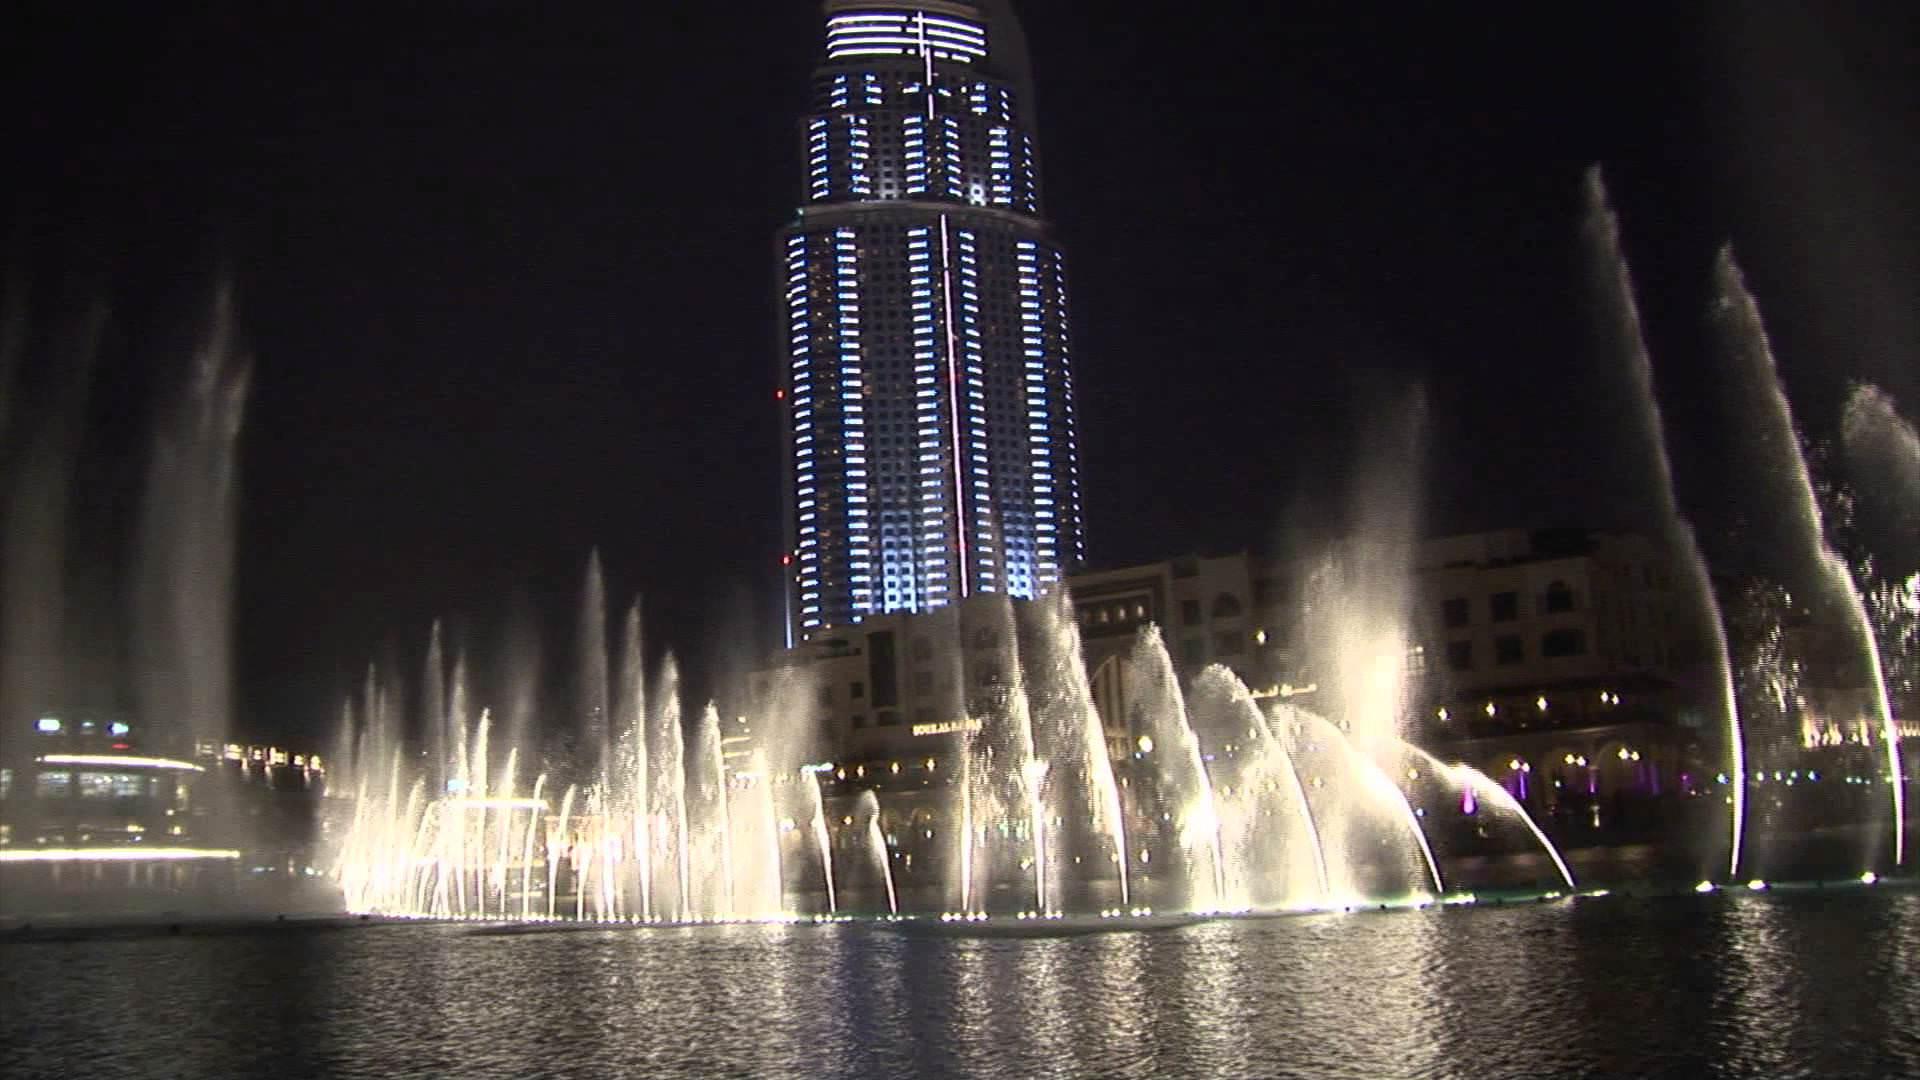 Spettacolare gioco di fontane di acqua. GUARDARE PER CREDERE!